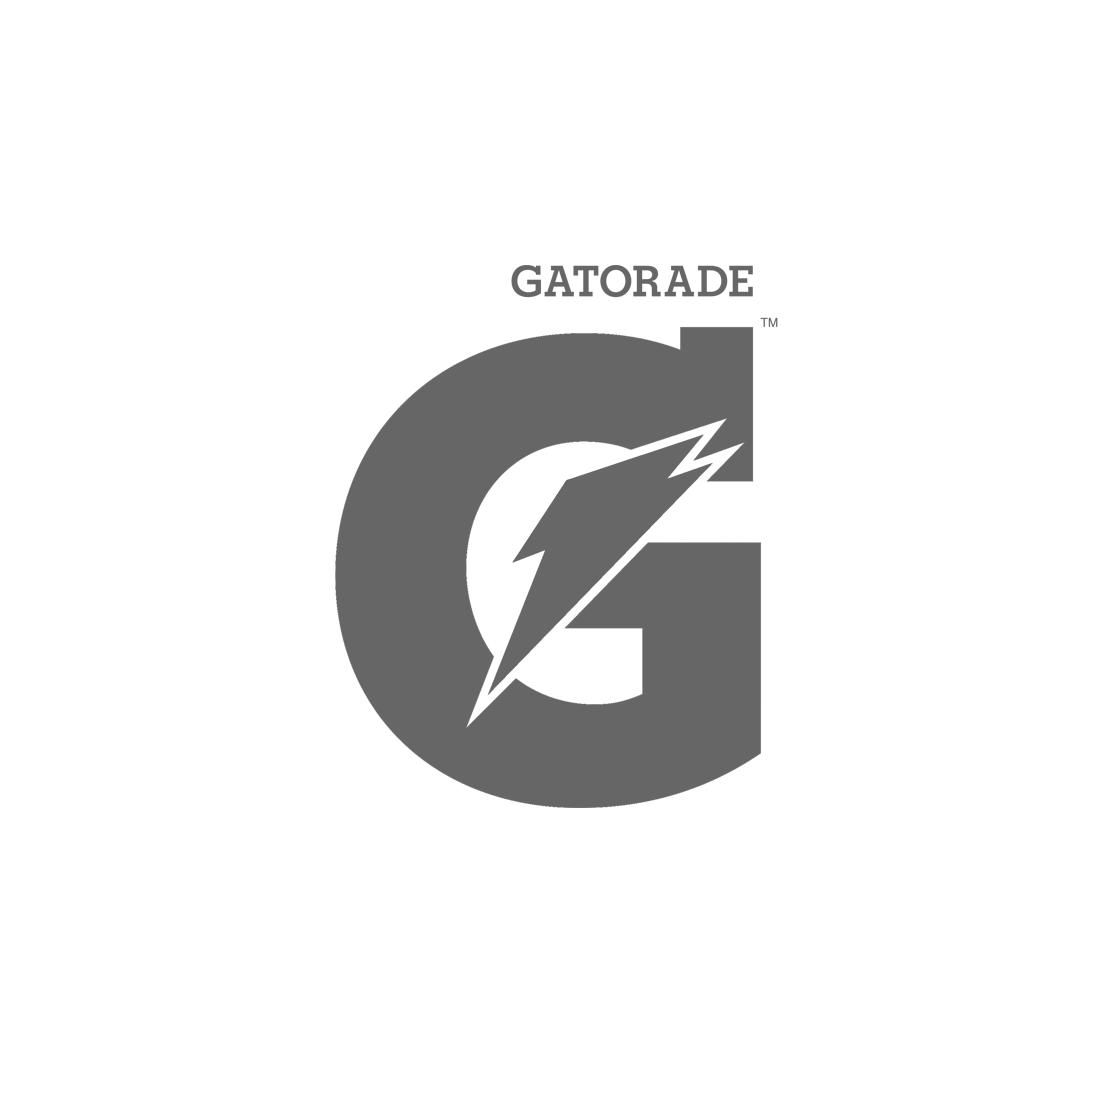 Gatorade.png